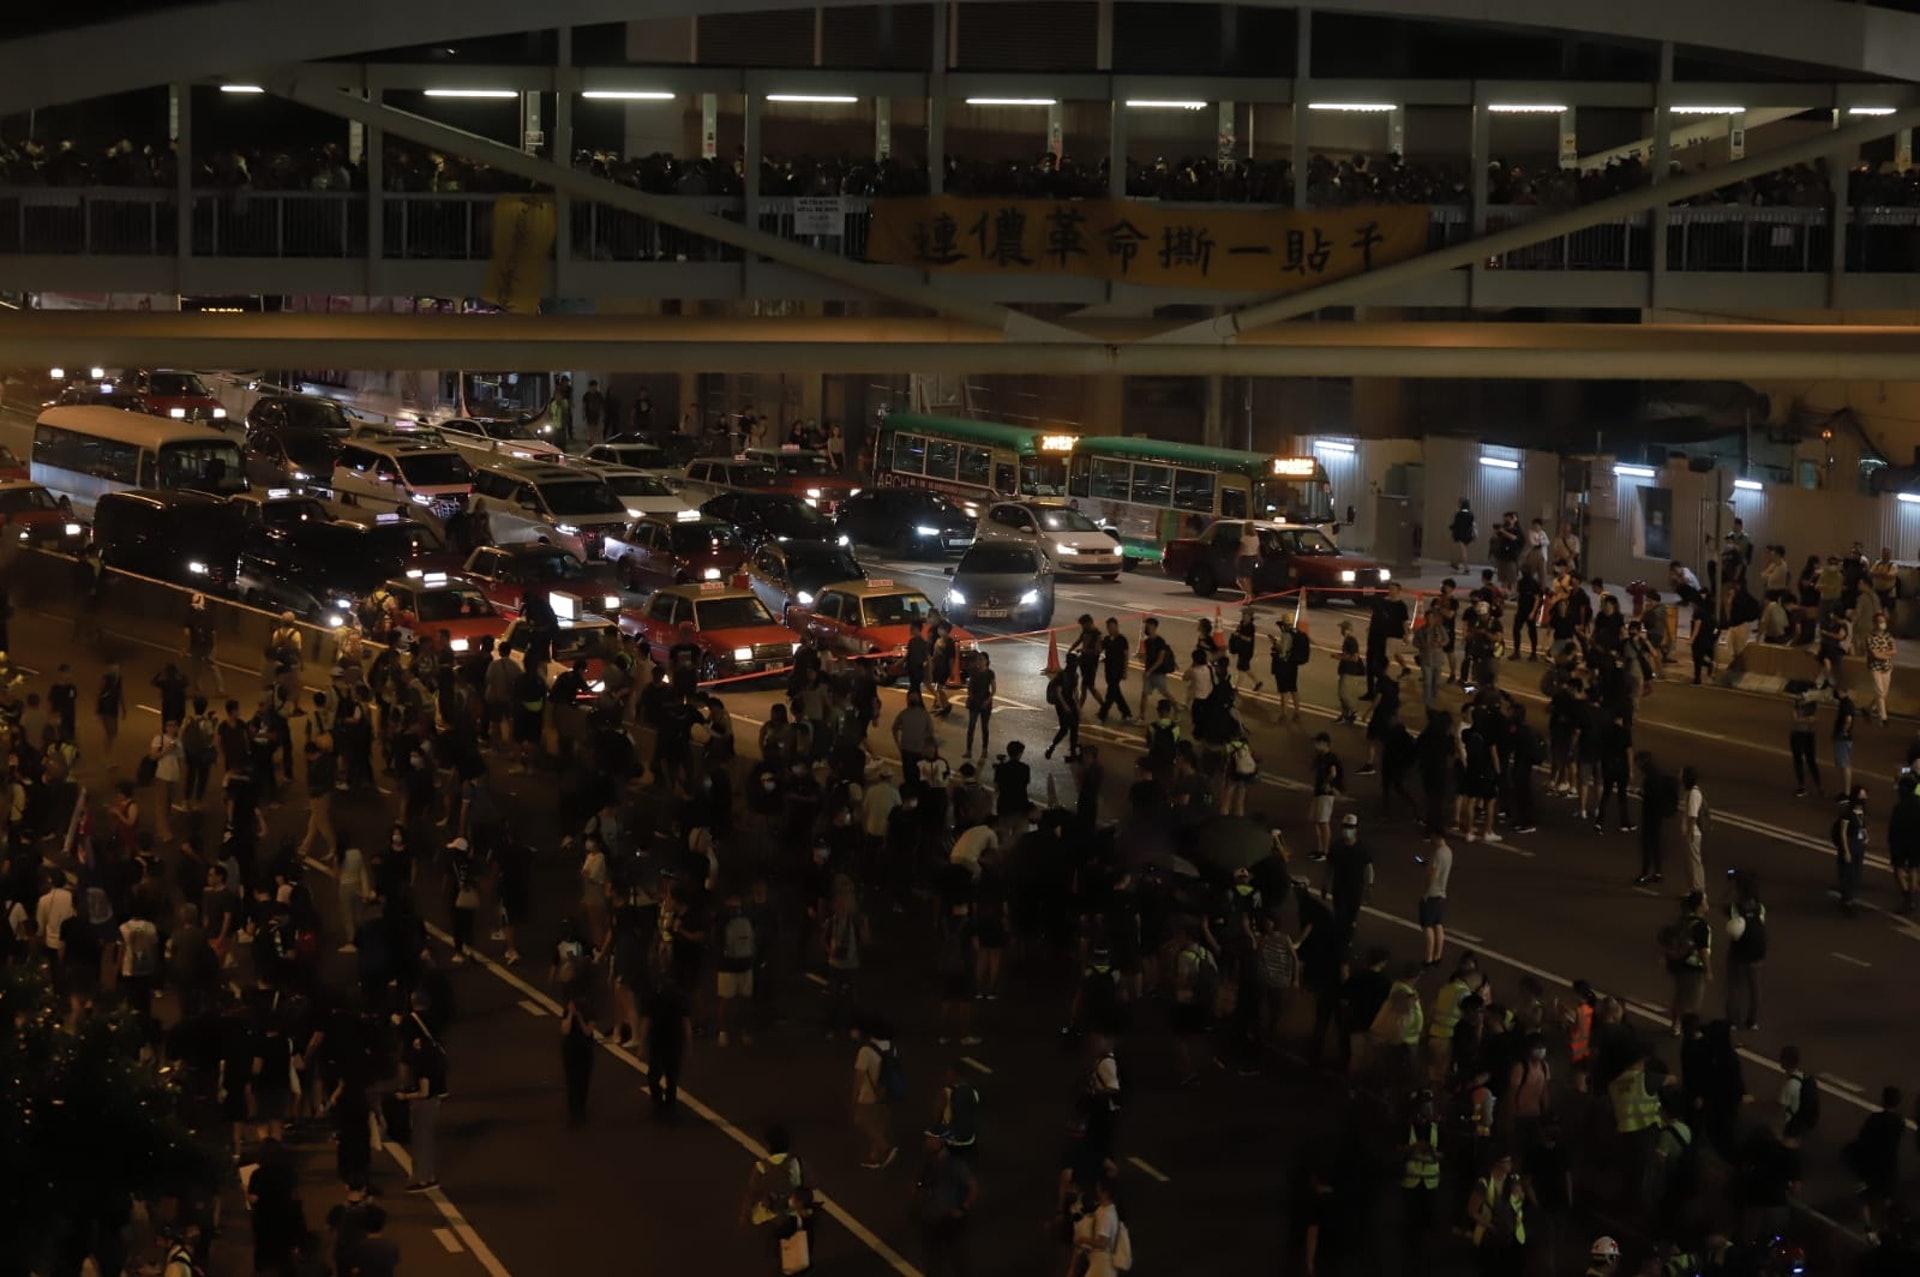 晚上7時許,示威者開始行出馬路,並佔據多條主要道路。(李智智攝)